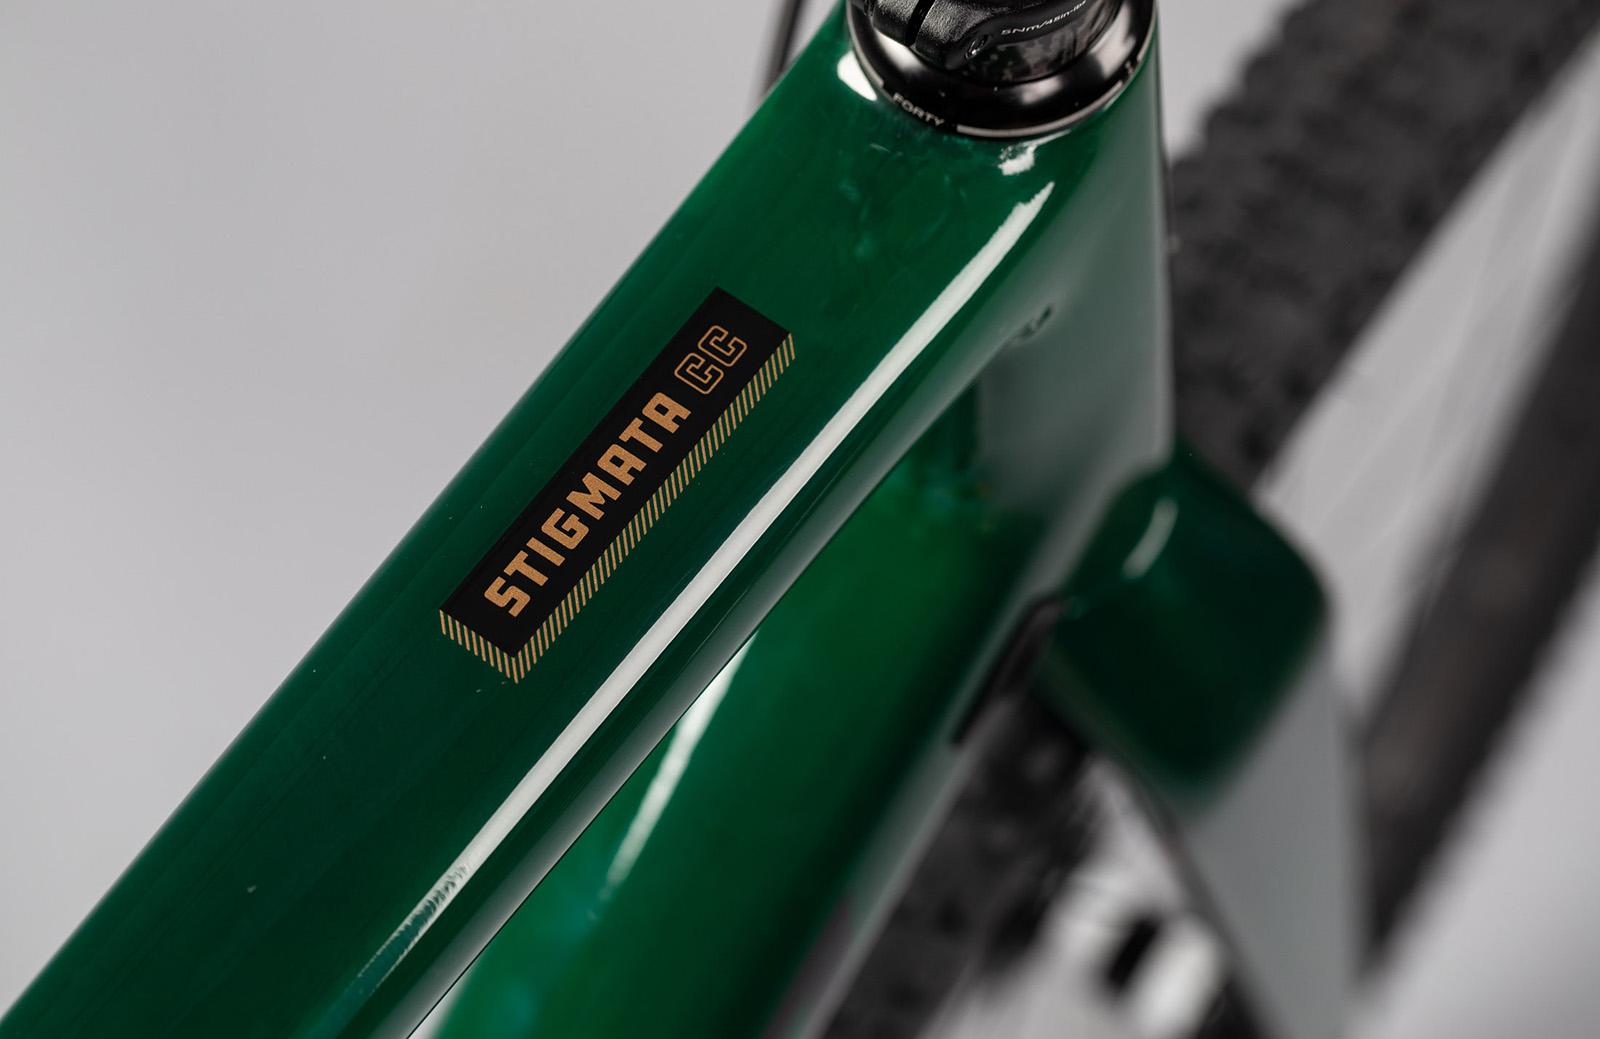 Santa Cruz Stigmata Carbon CC frame